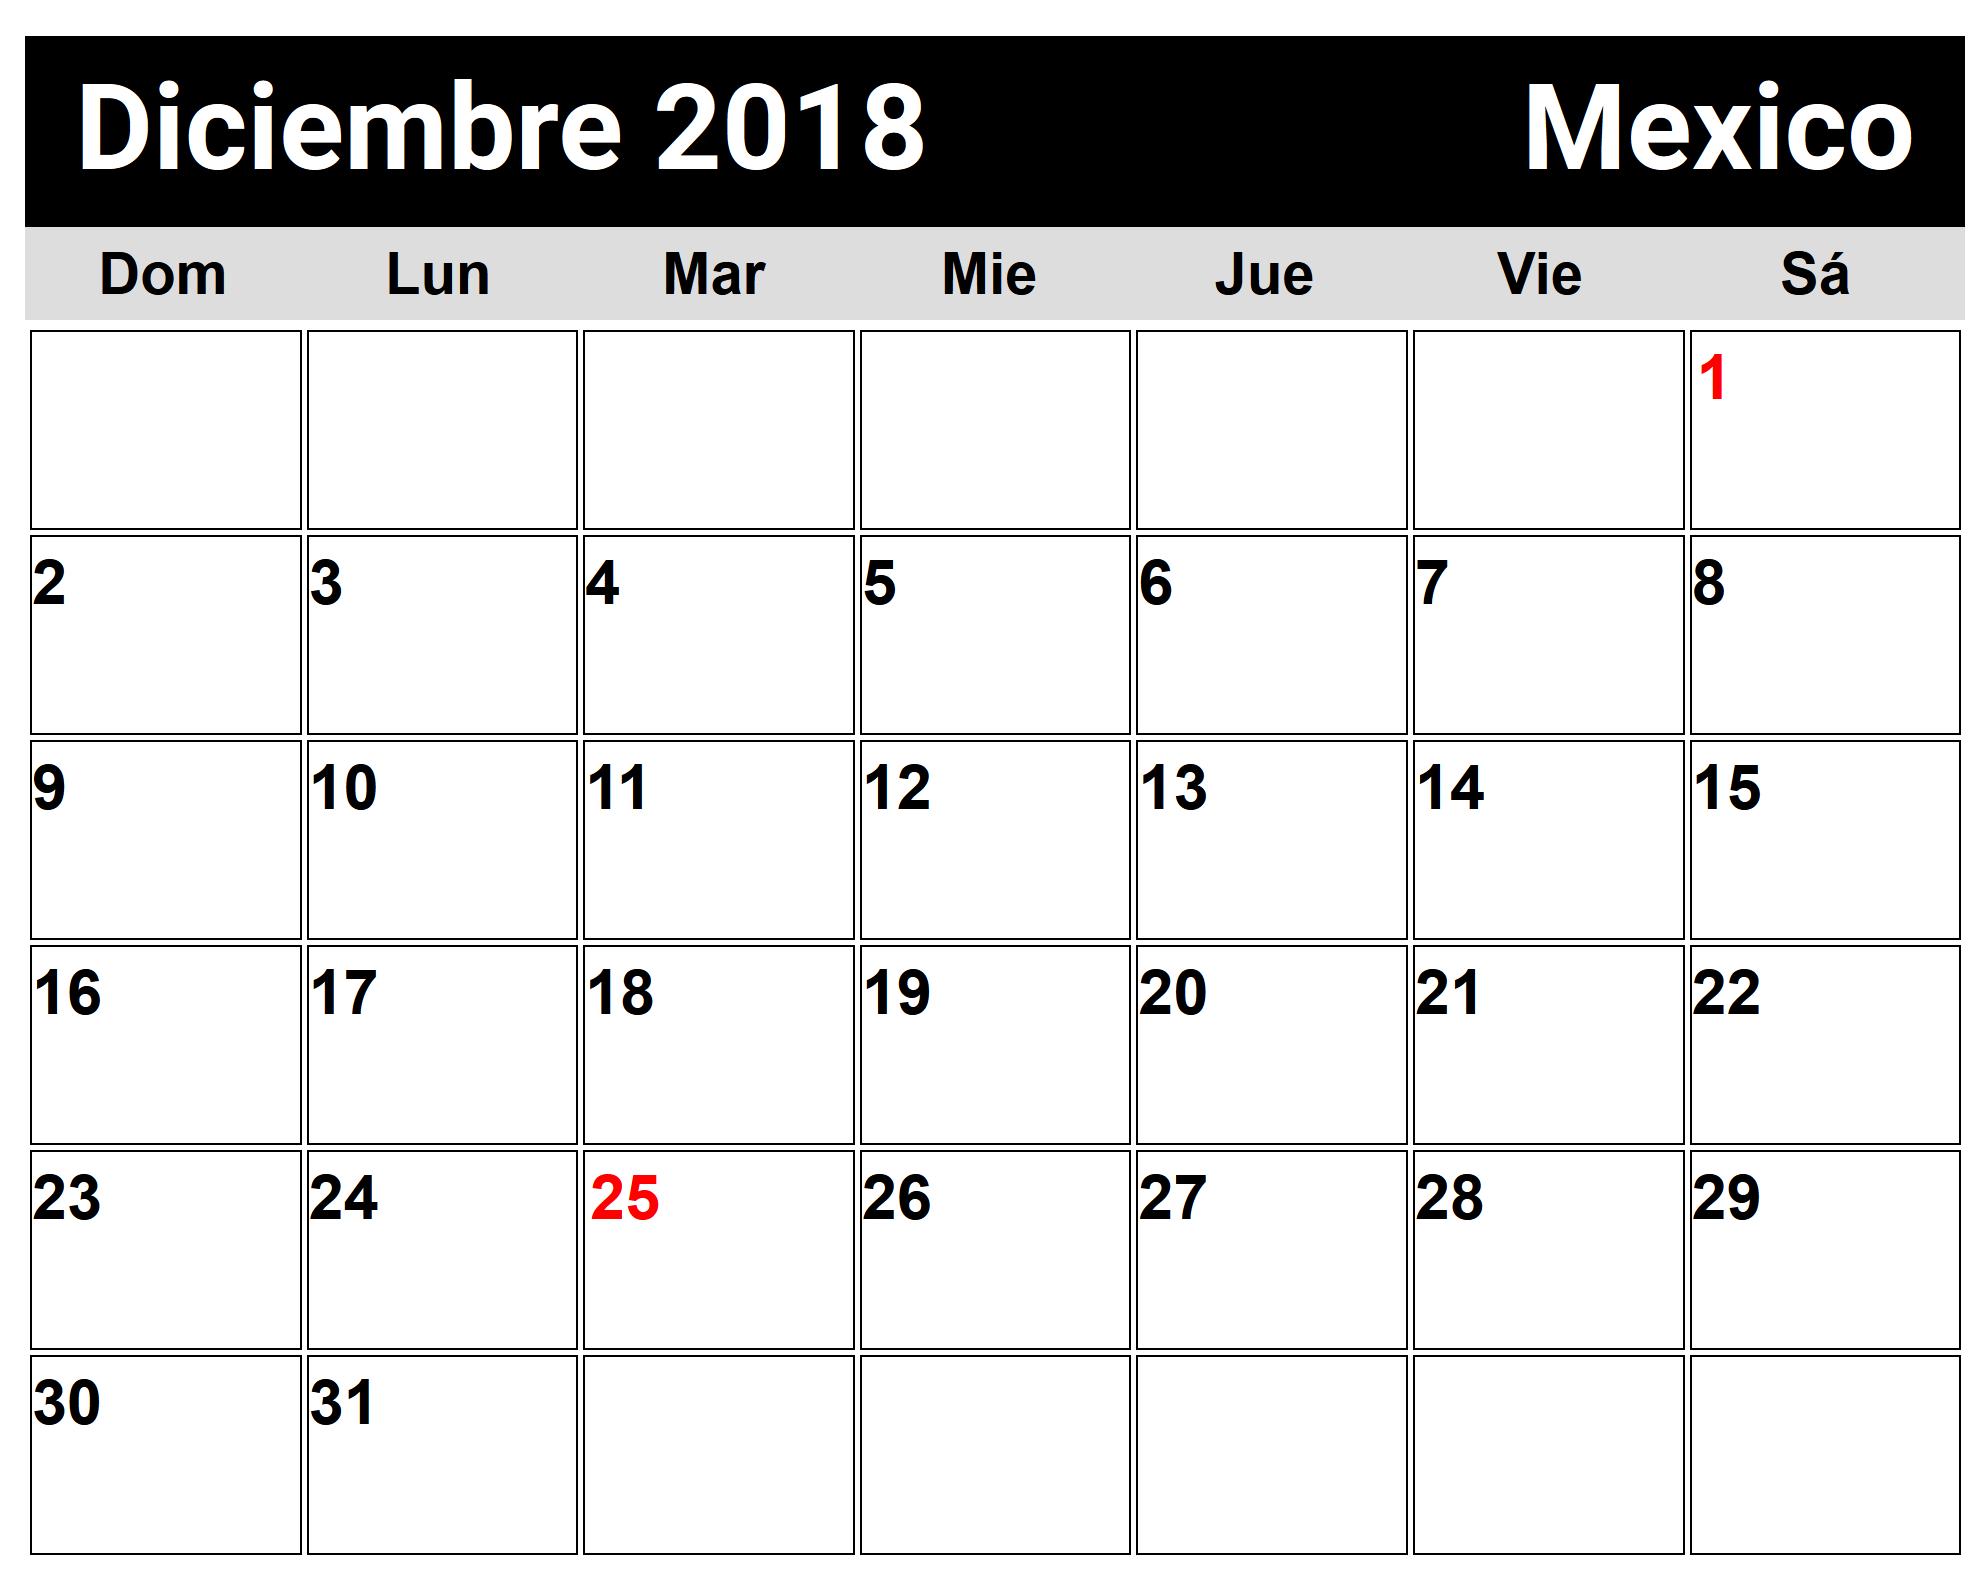 Calendario Diciembre 2018 Con Festivos.Calendario Diciembre 2018 Chile Calendario Diciembre 2018